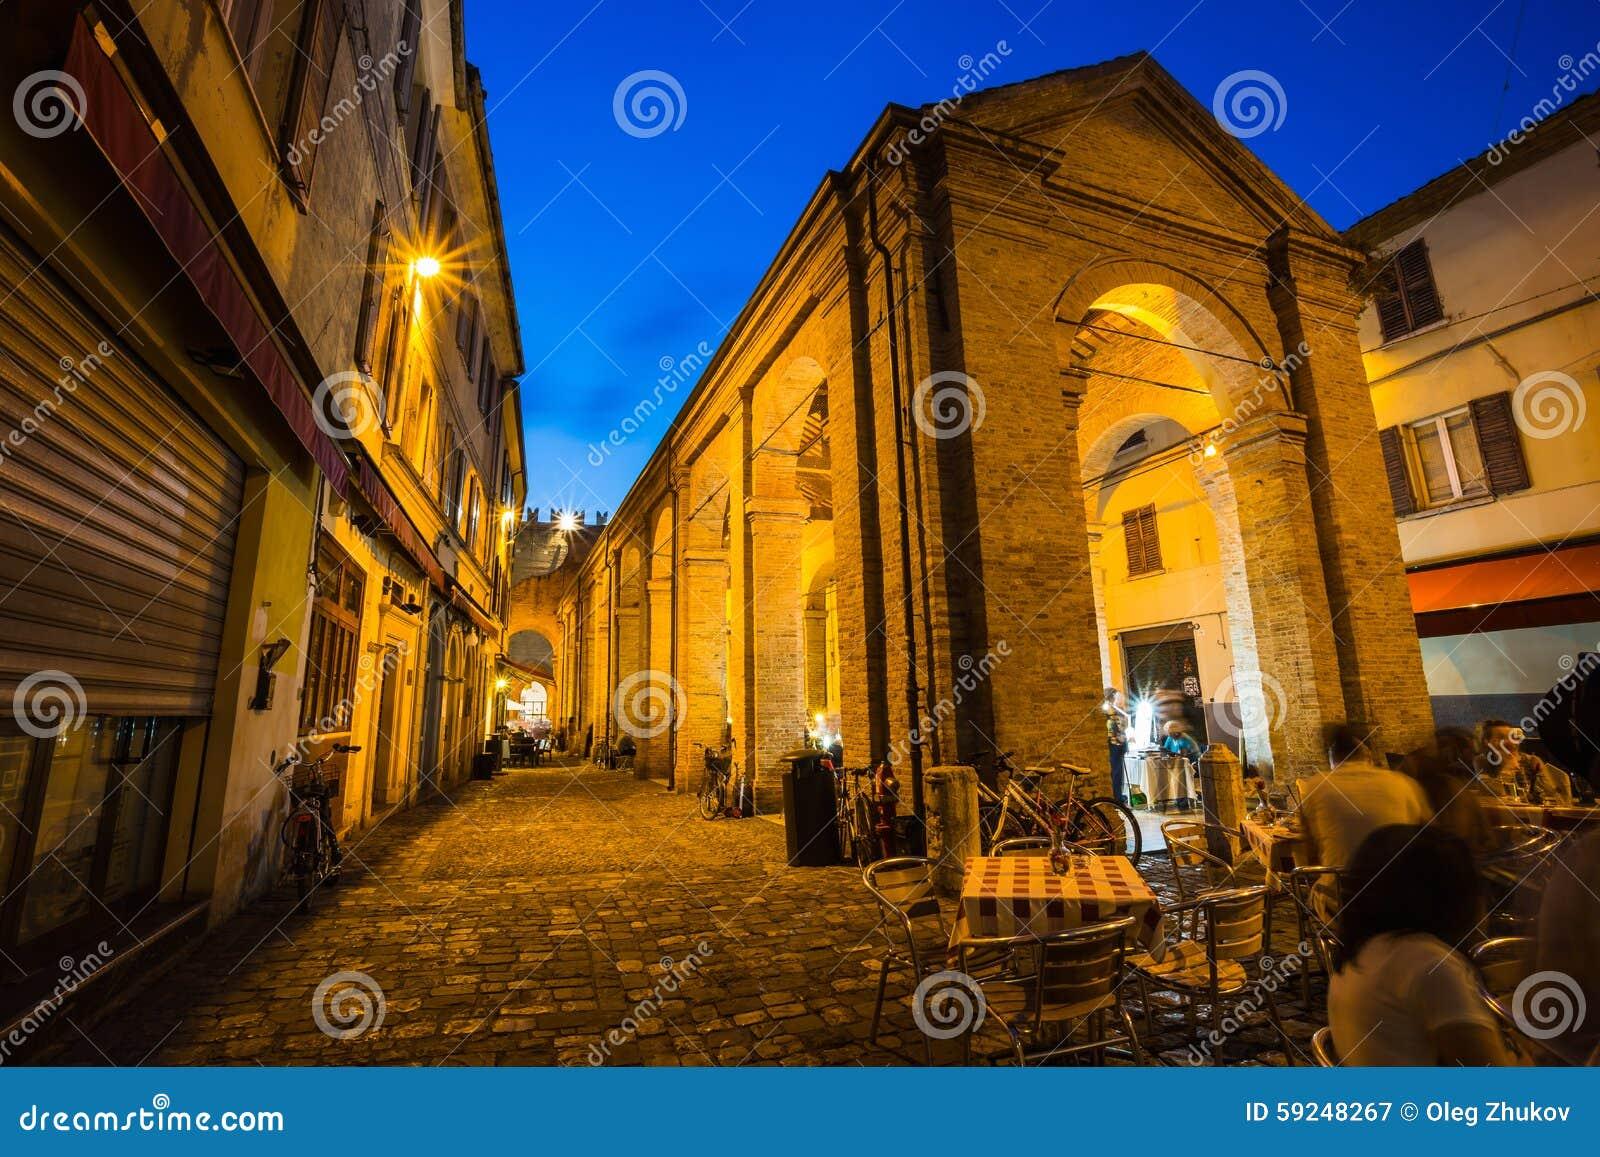 Calle en la ciudad vieja en la noche